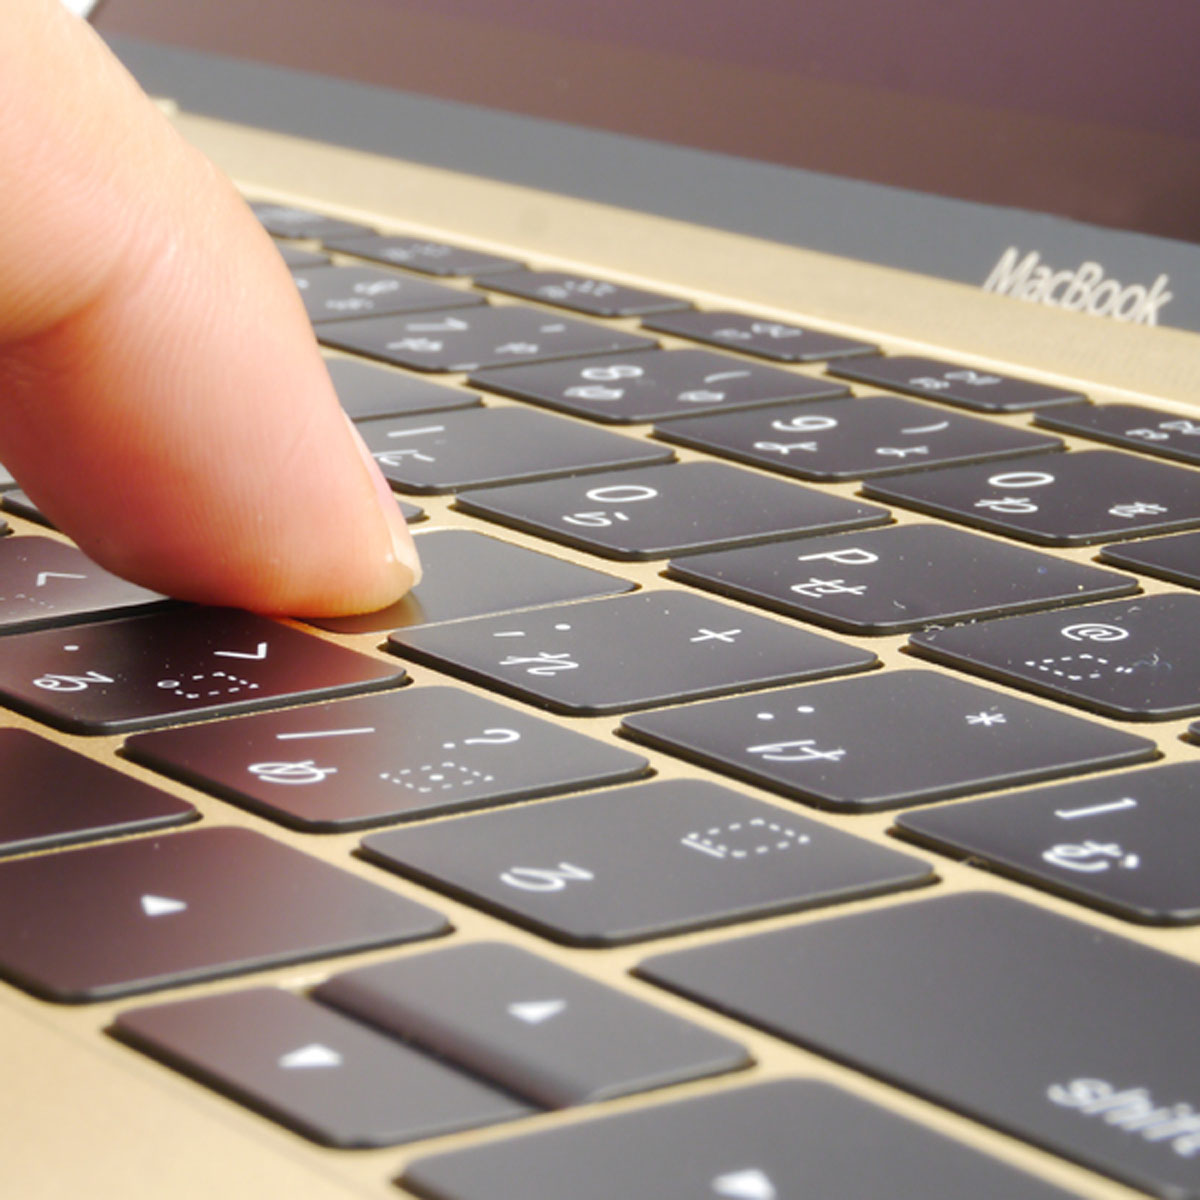 アップルが「MacBook」キーボードの不具合認めて無償修理へ